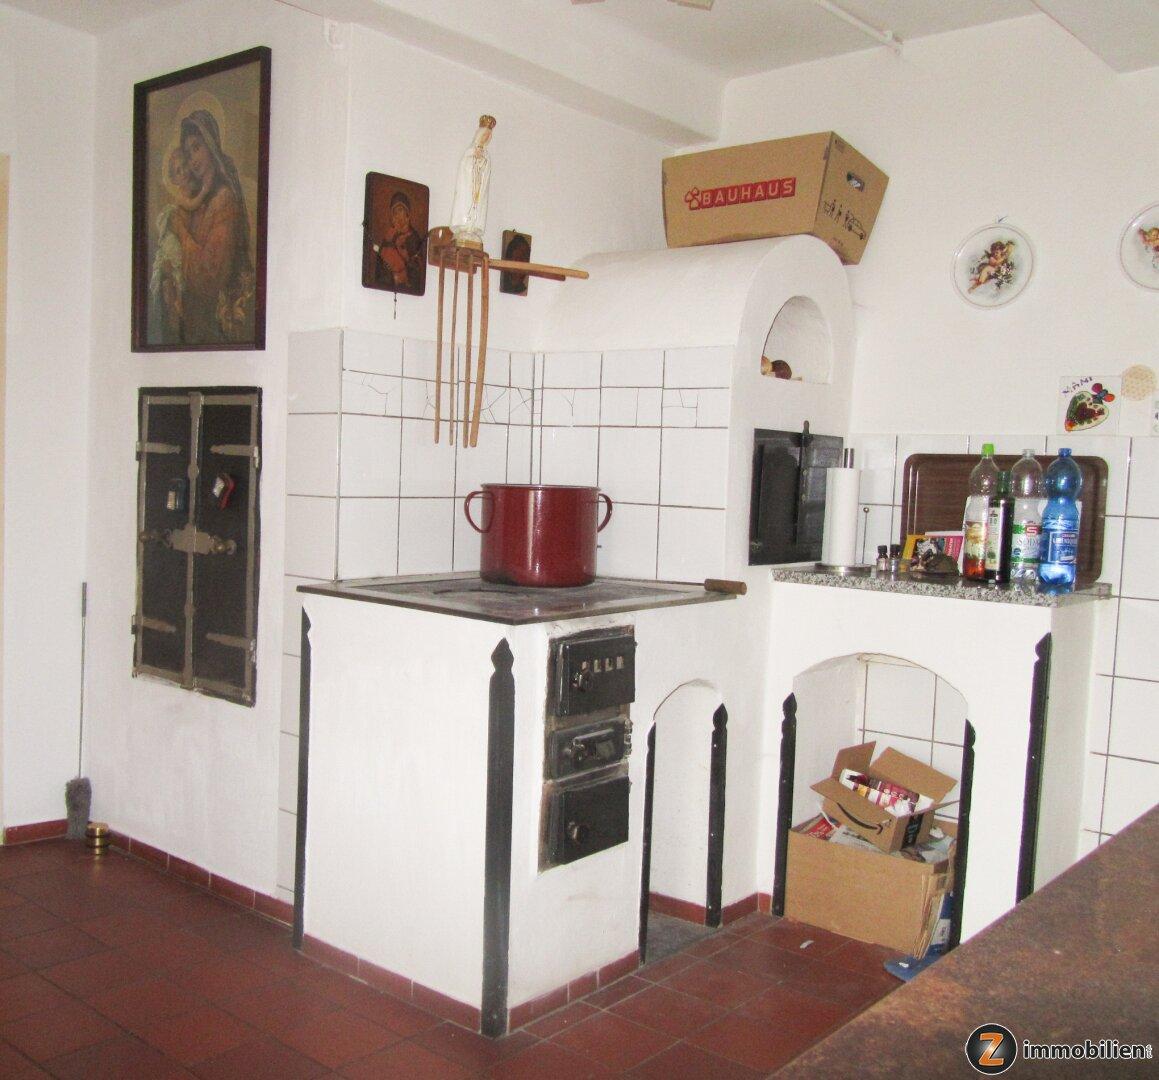 Nostalgischer Küchenofen mit Selch